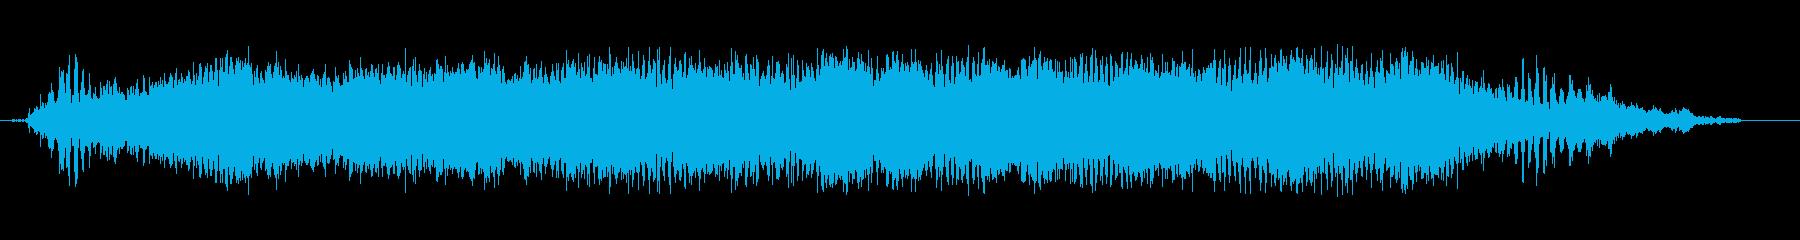 シュレッダーはドキュメントを破壊し...の再生済みの波形